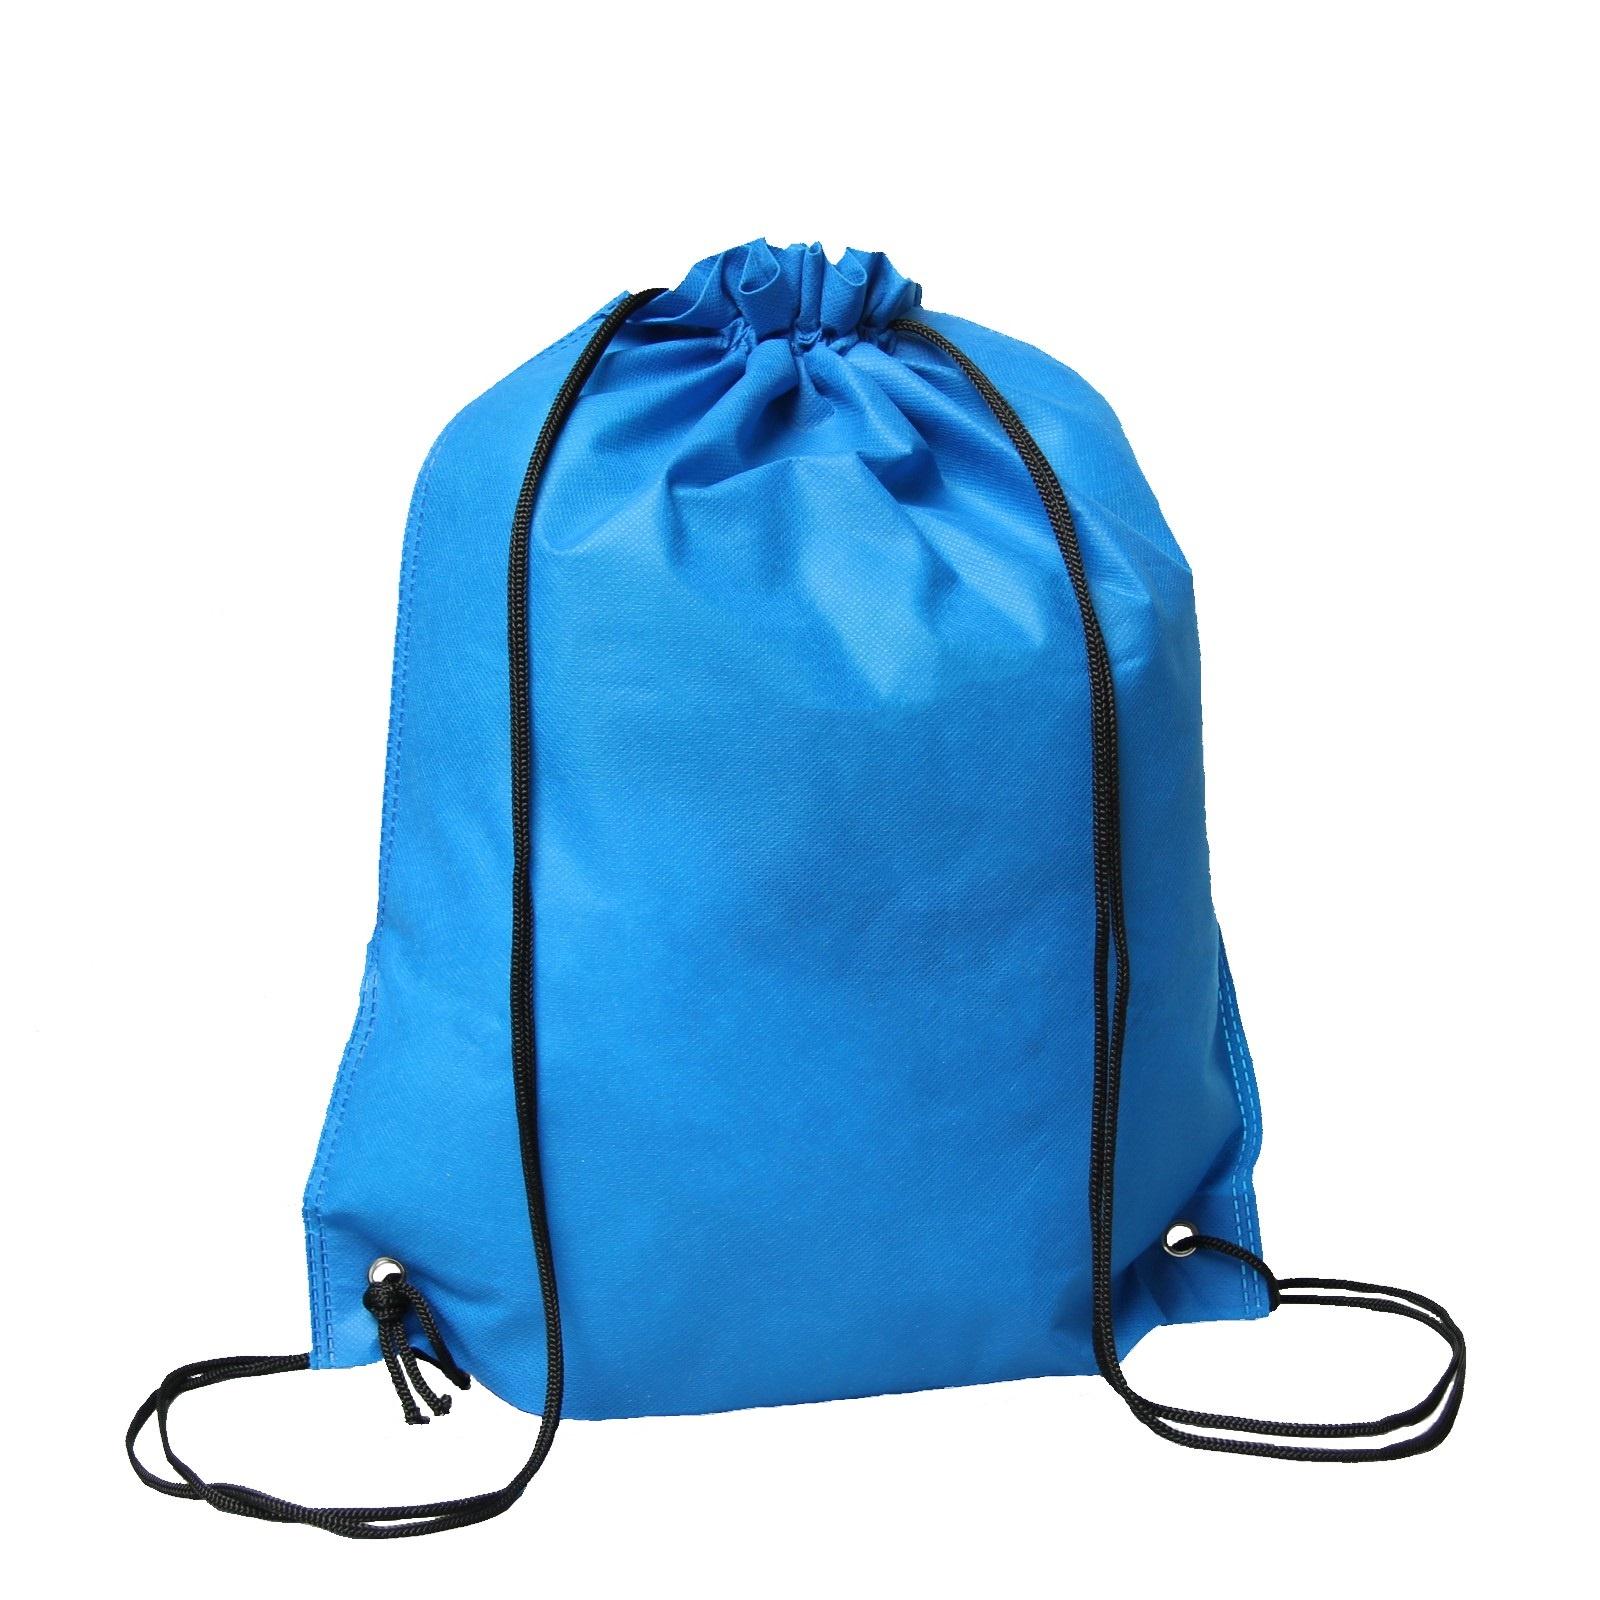 Мешок для сменной обуви KD-S, синий